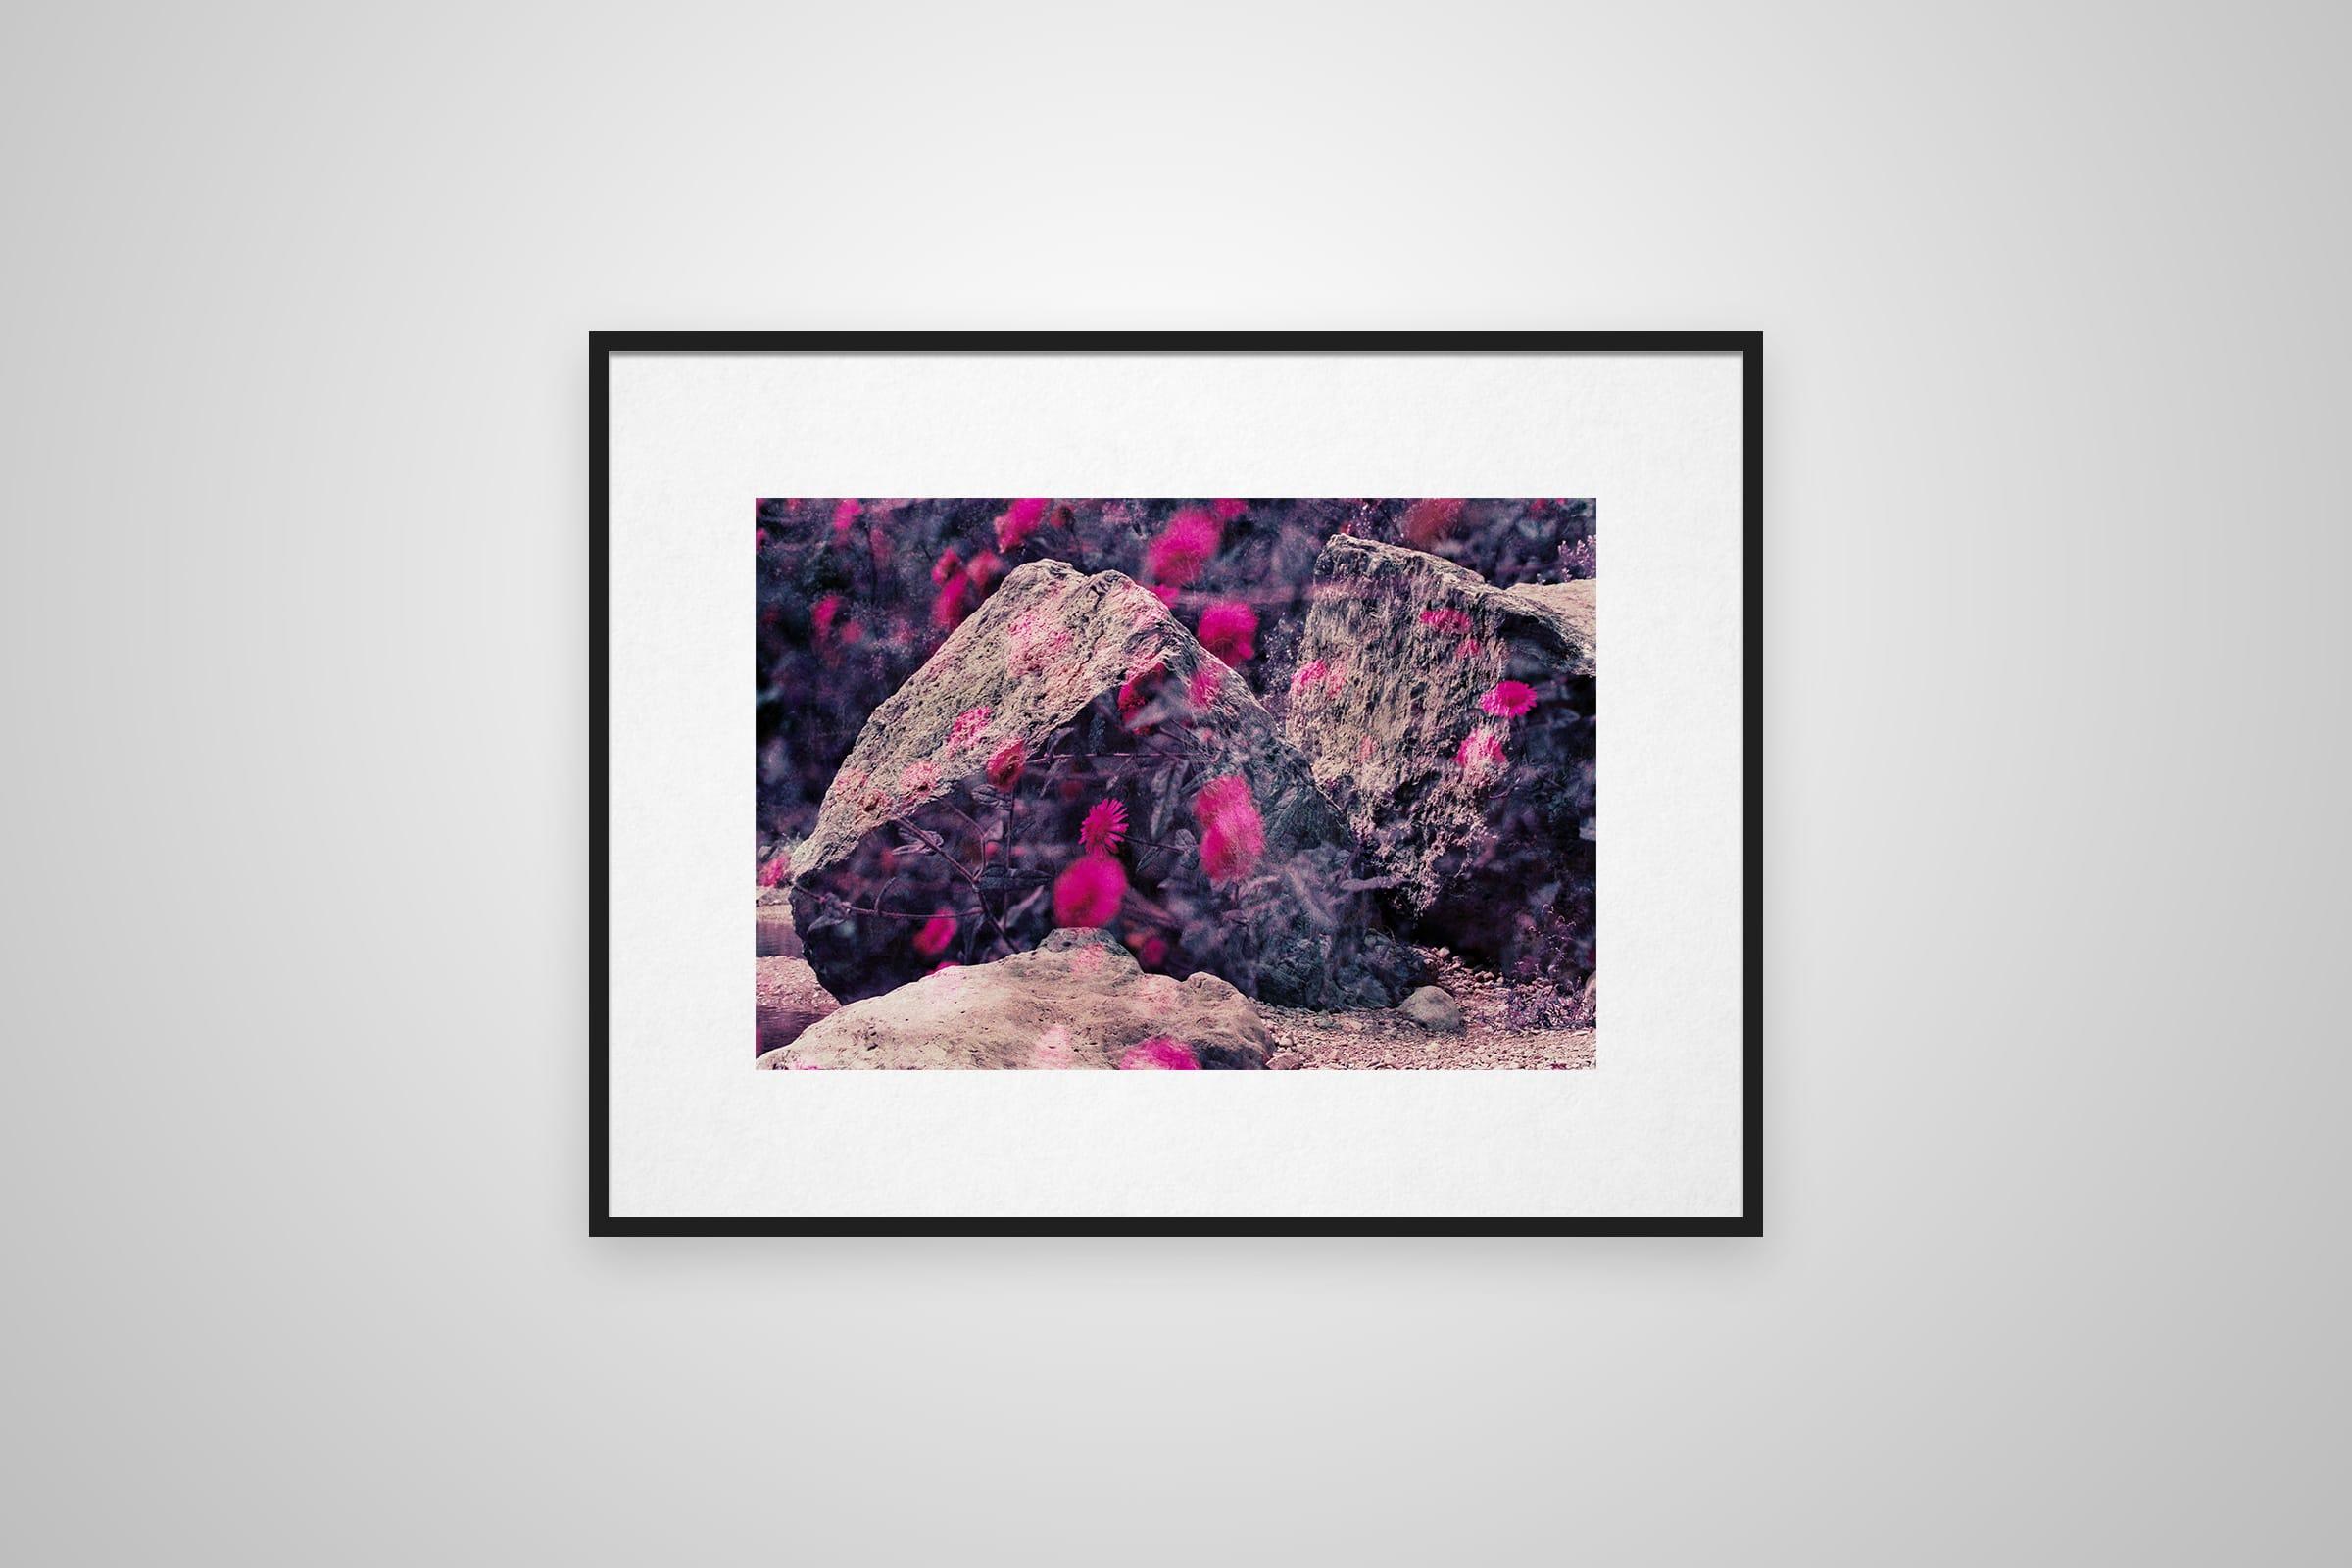 Mehrfachbelichtung von Steinen und Gänseblümchen auf einem Purplechrome Film in einem Rahmen an der Wand